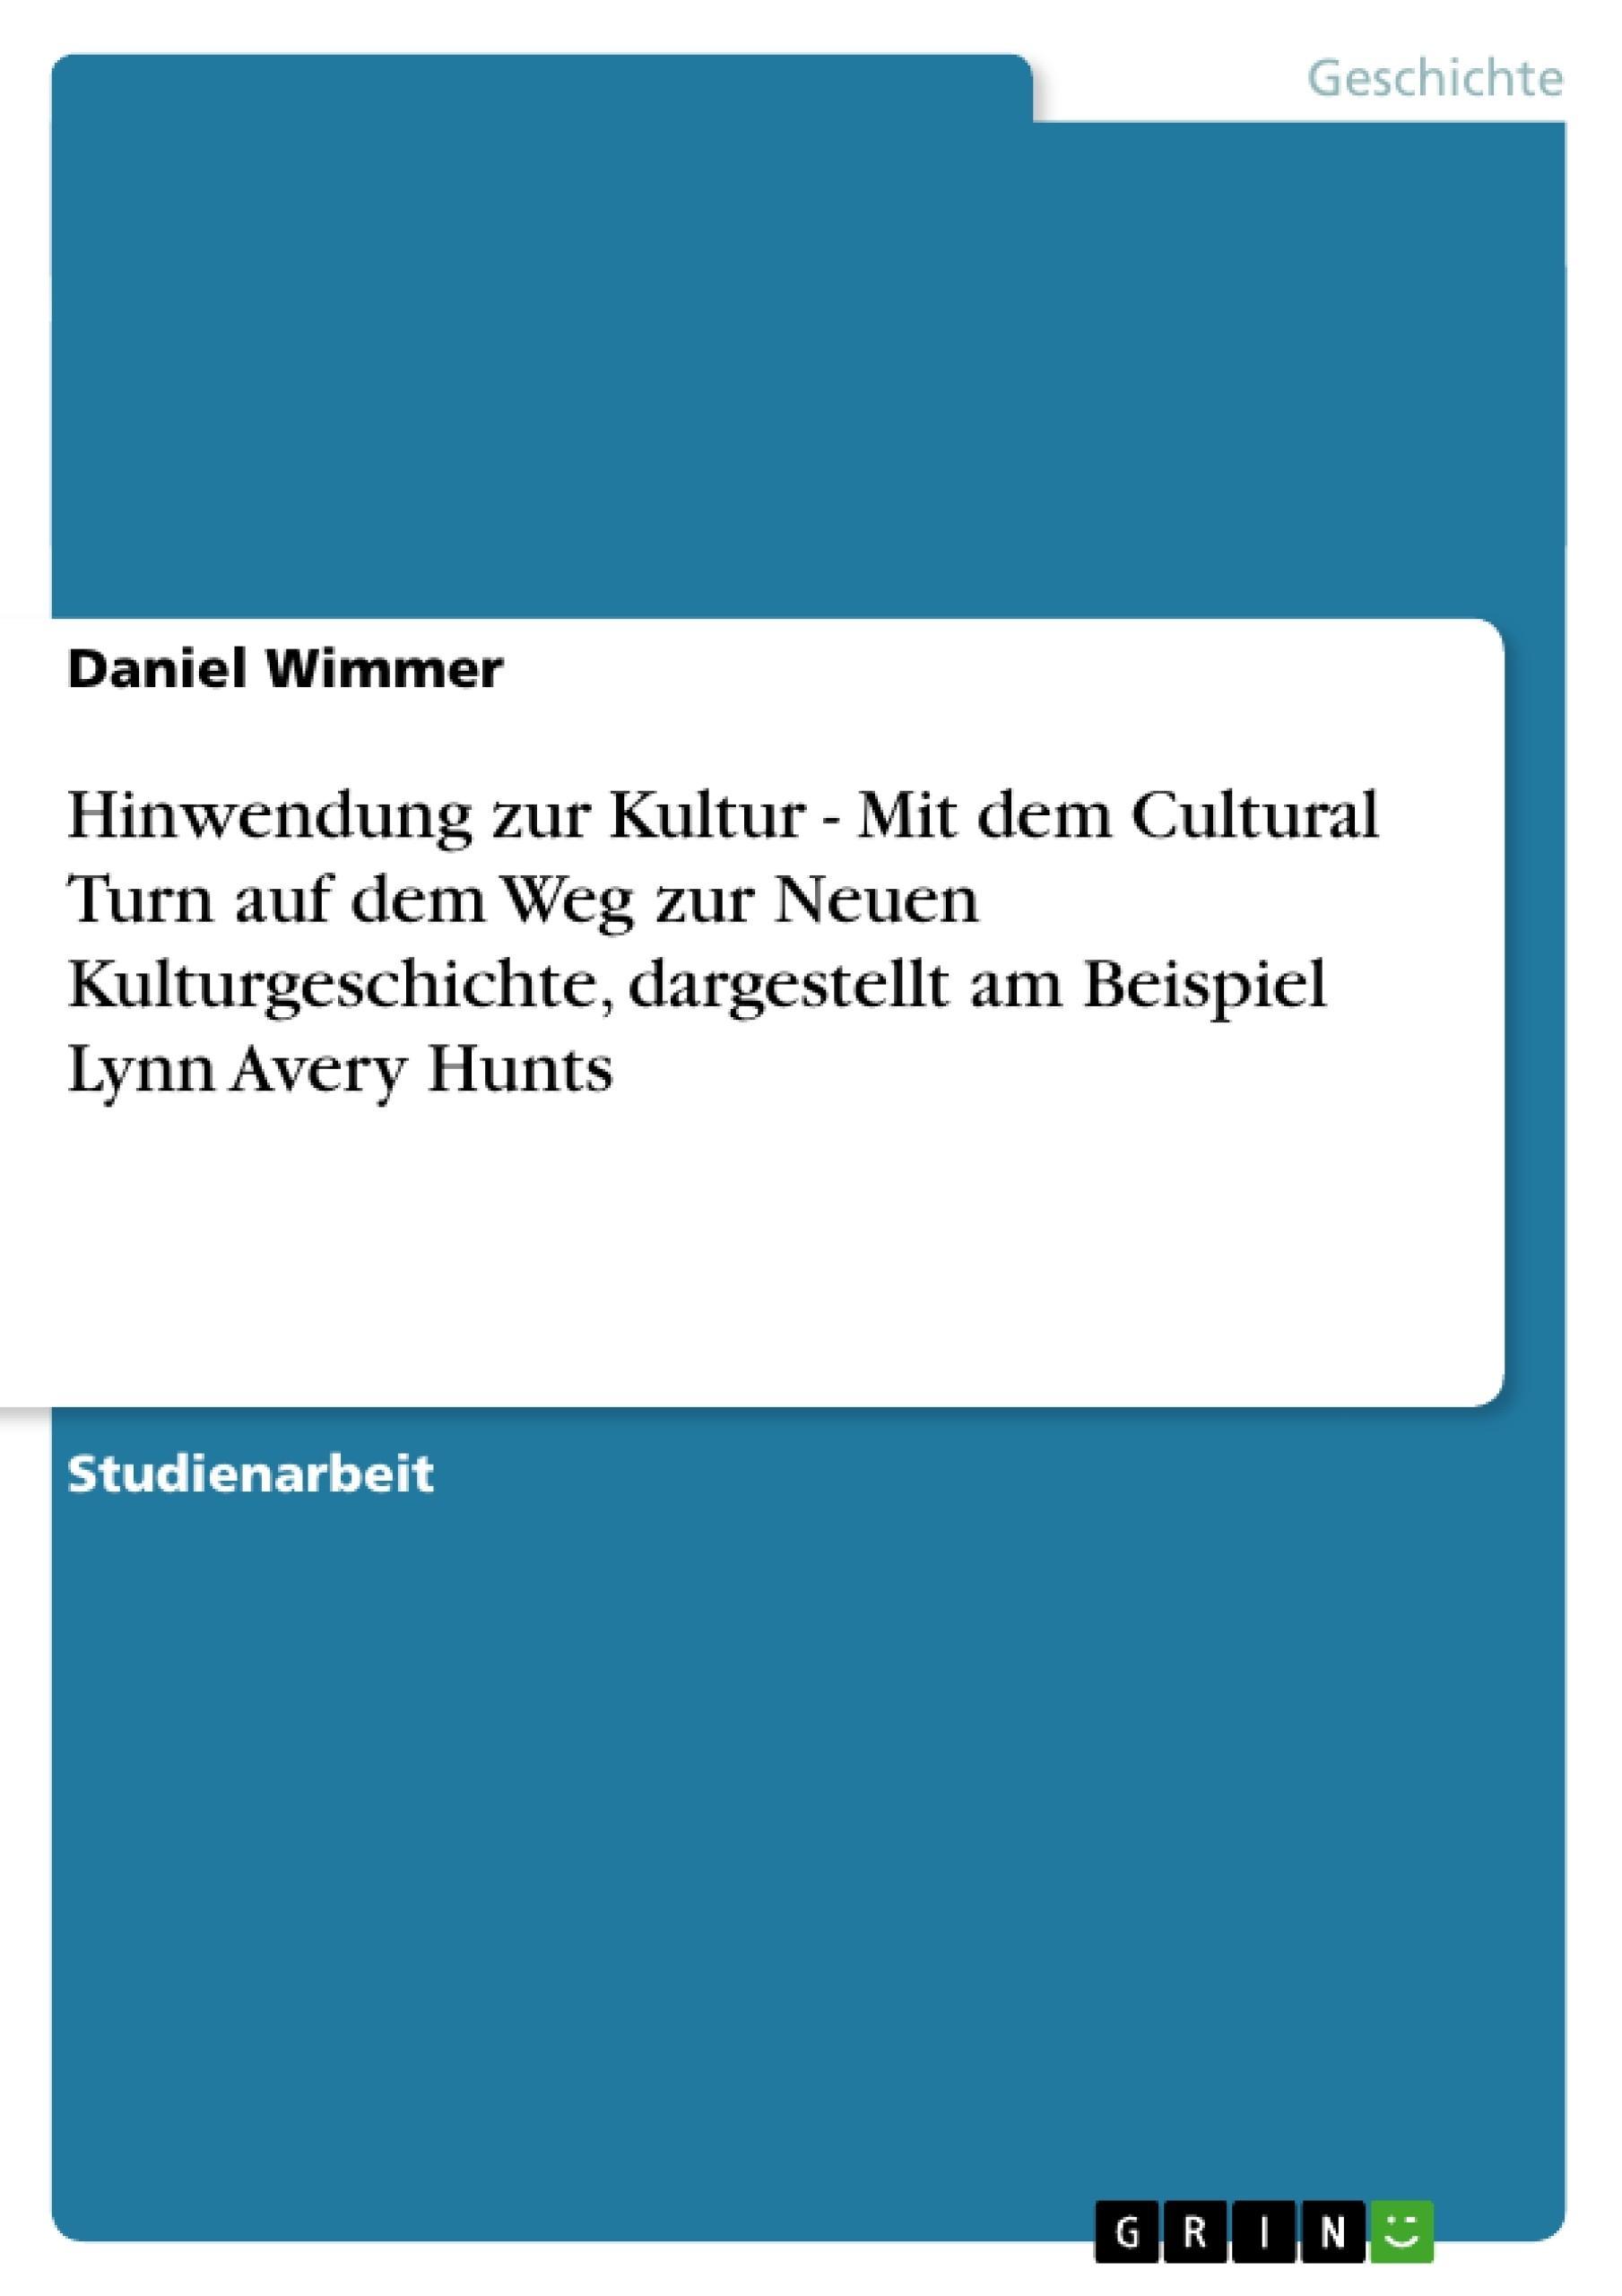 Titel: Hinwendung zur Kultur - Mit dem Cultural Turn auf dem Weg zur Neuen Kulturgeschichte, dargestellt am Beispiel Lynn Avery Hunts